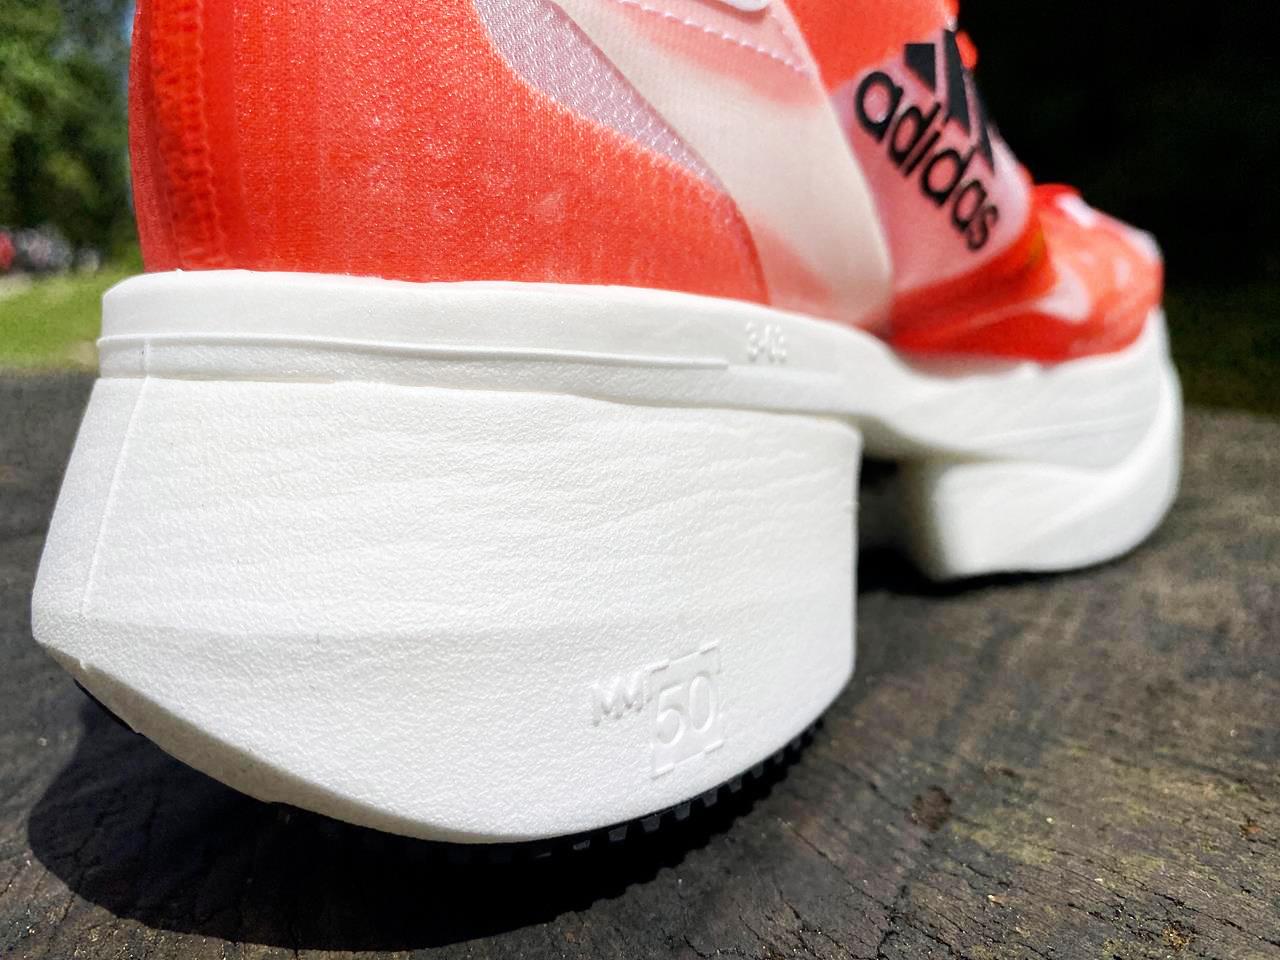 Adidas Prime X - Heel Closeup